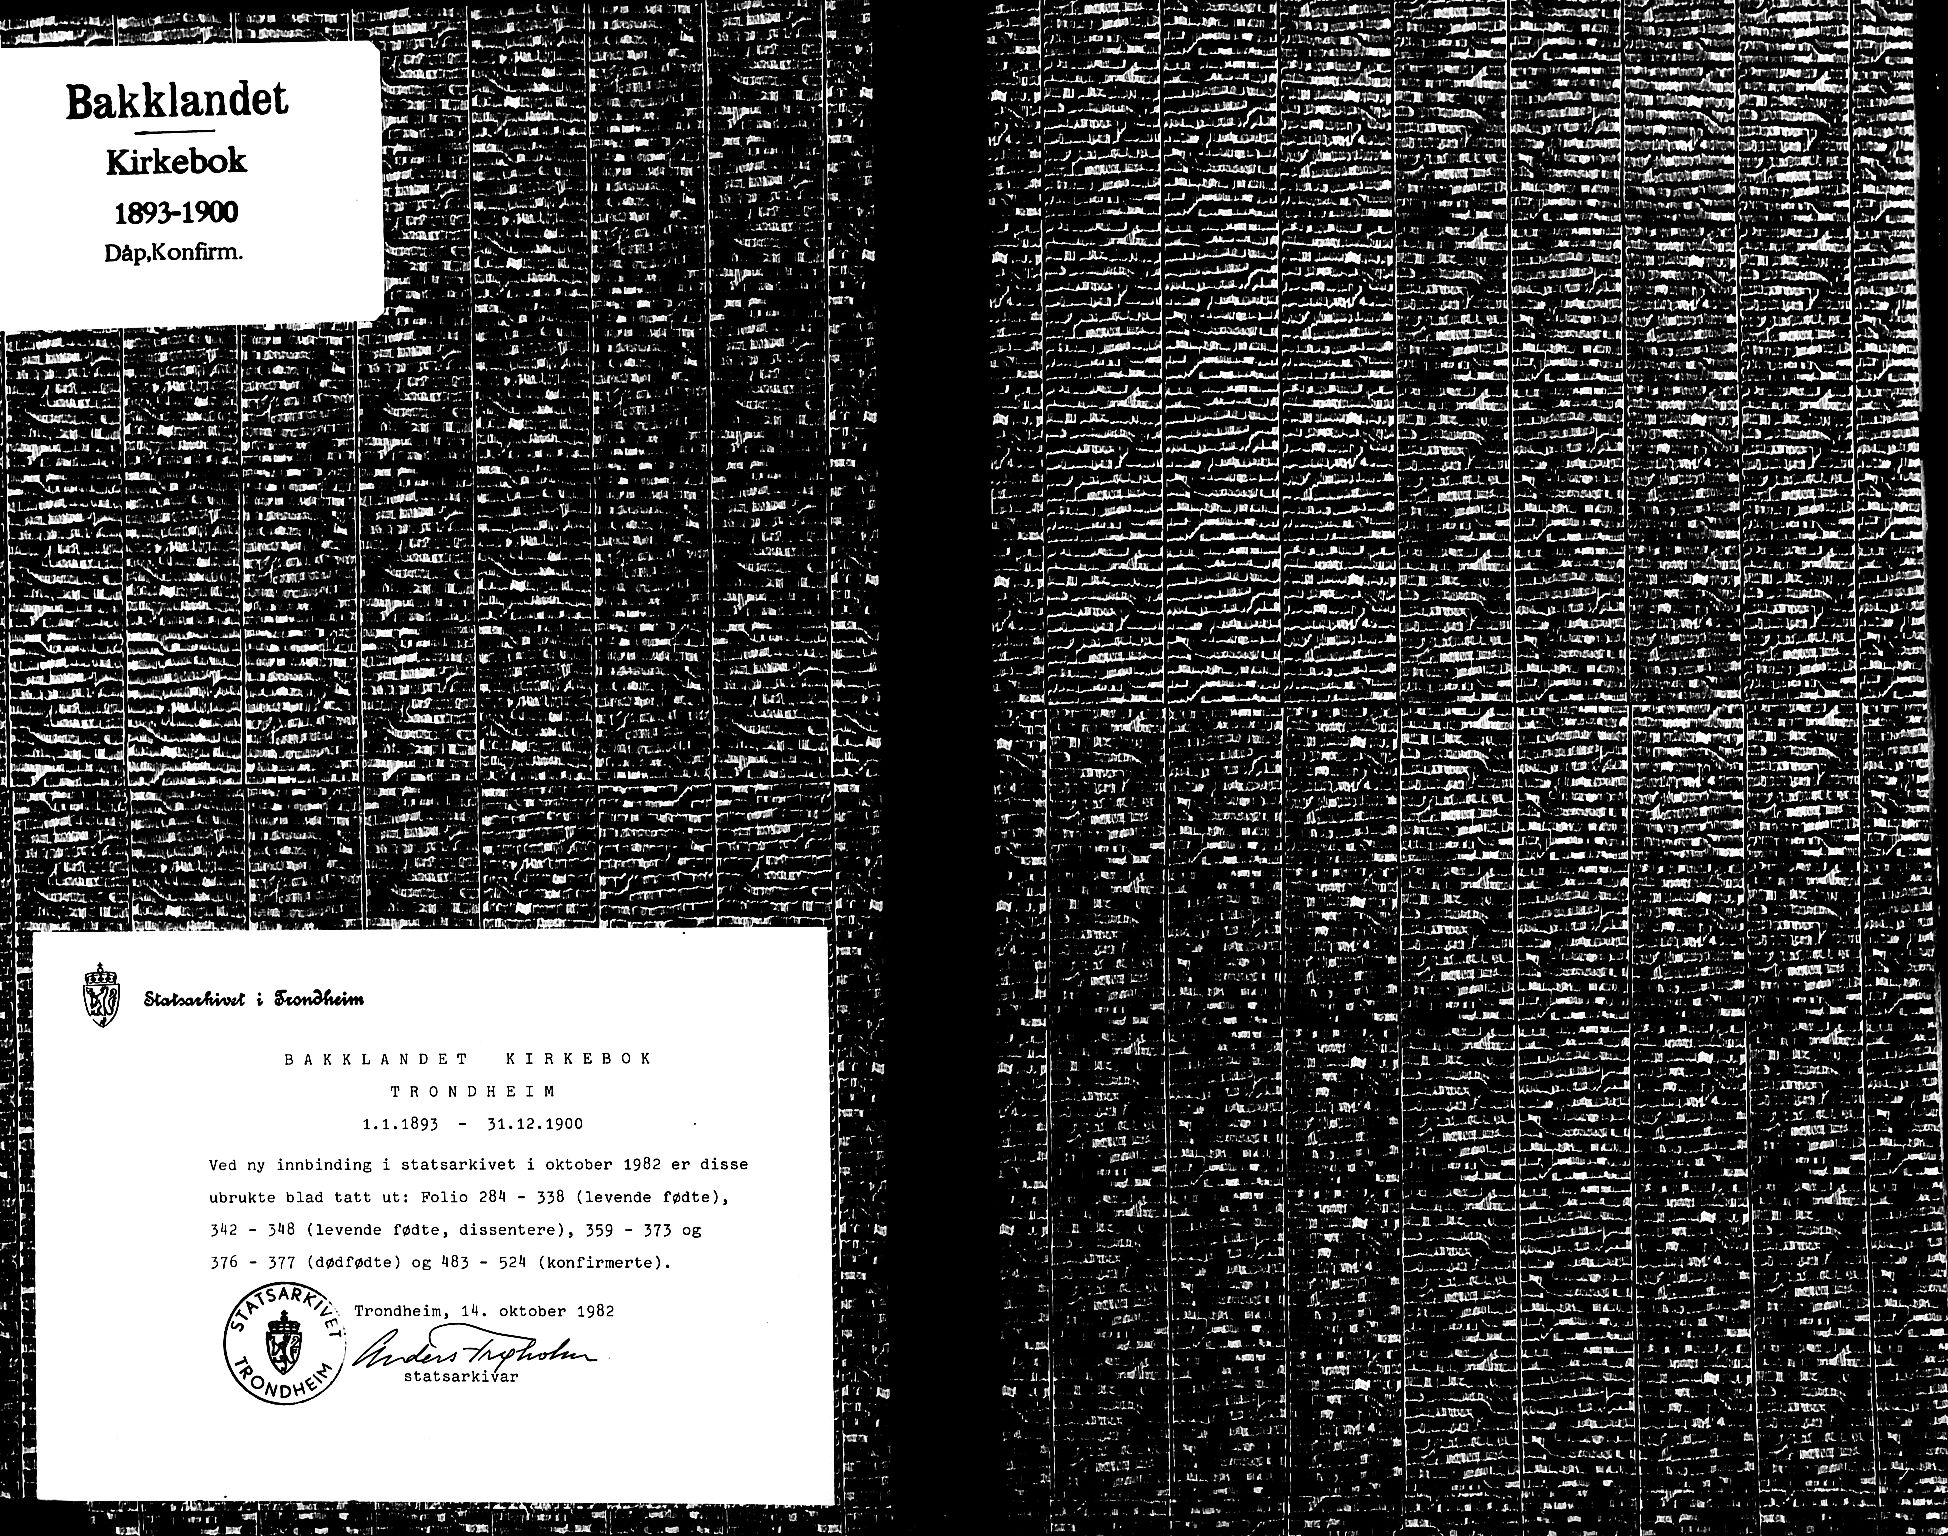 SAT, Ministerialprotokoller, klokkerbøker og fødselsregistre - Sør-Trøndelag, 604/L0197: Ministerialbok nr. 604A18, 1893-1900